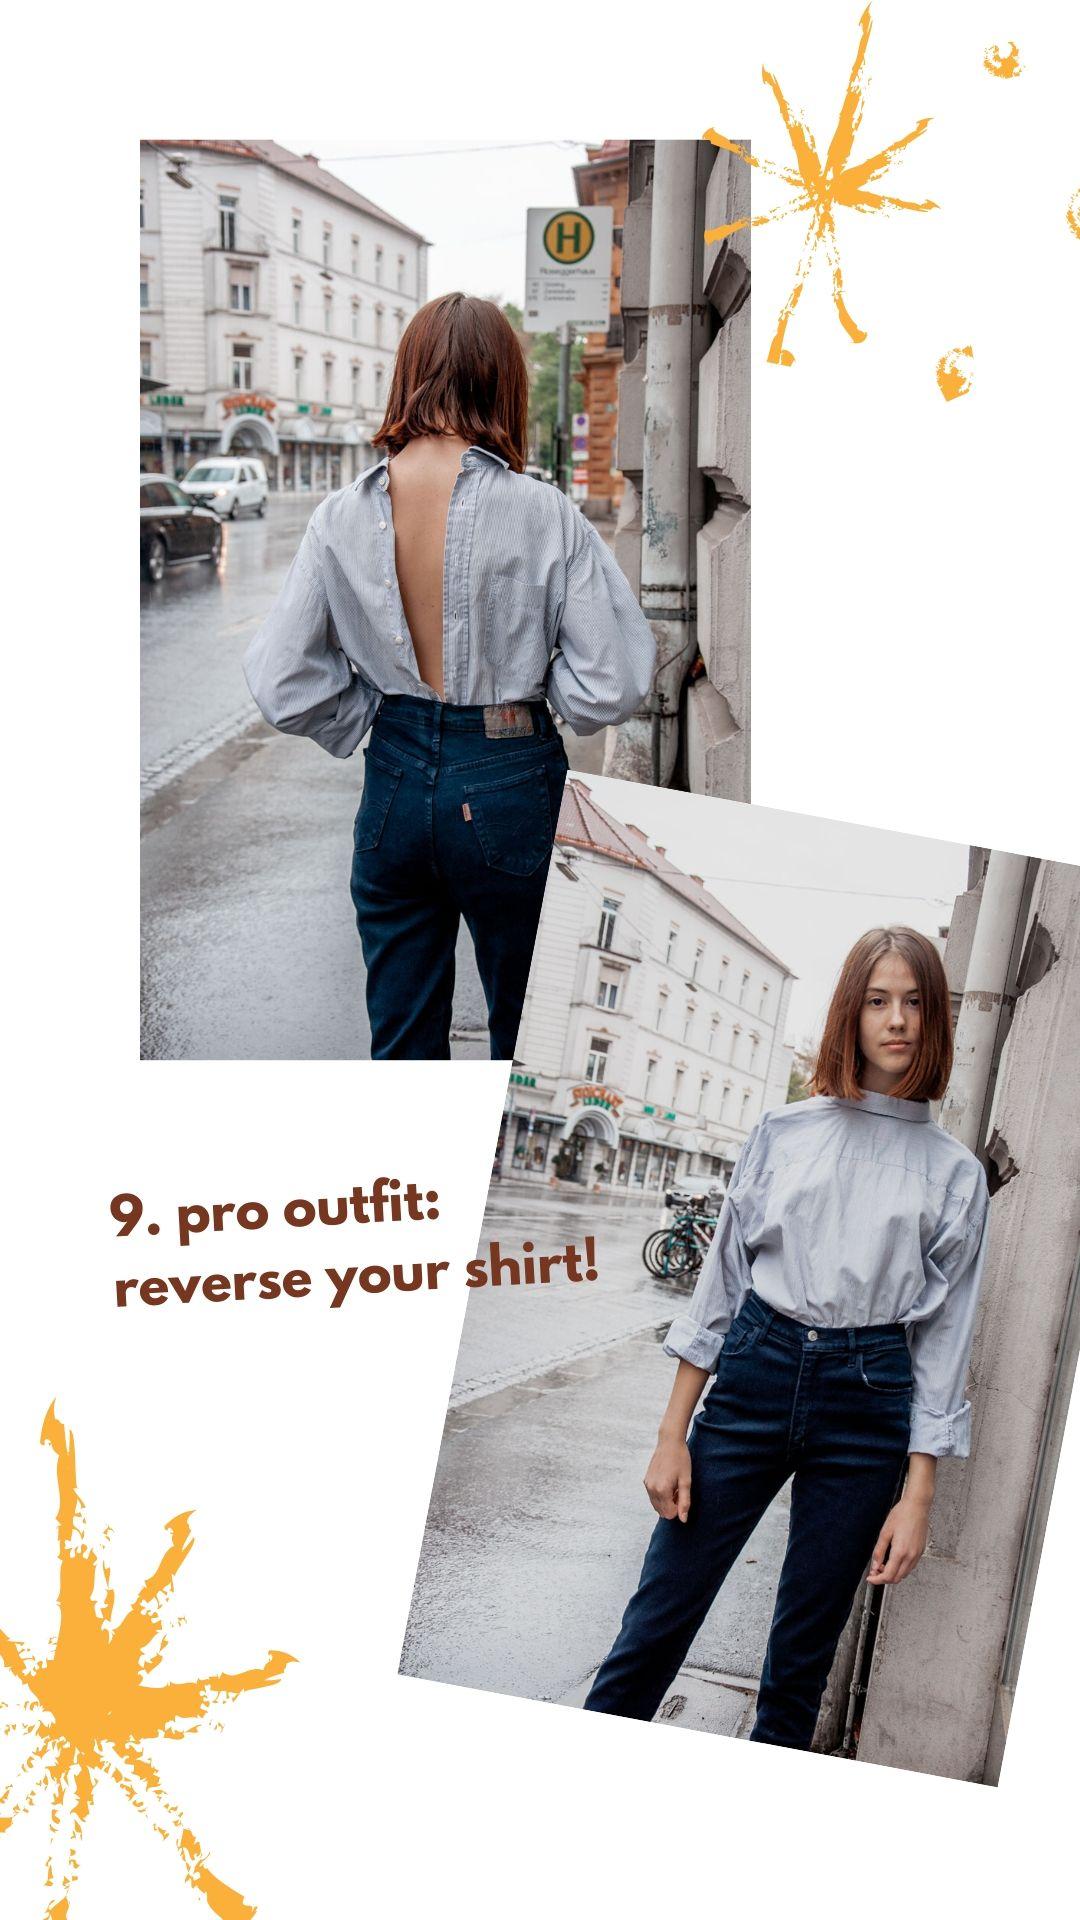 Vintage-Hemd Inspiration: Drehe das Hemd um für einen High-Fashion Look!